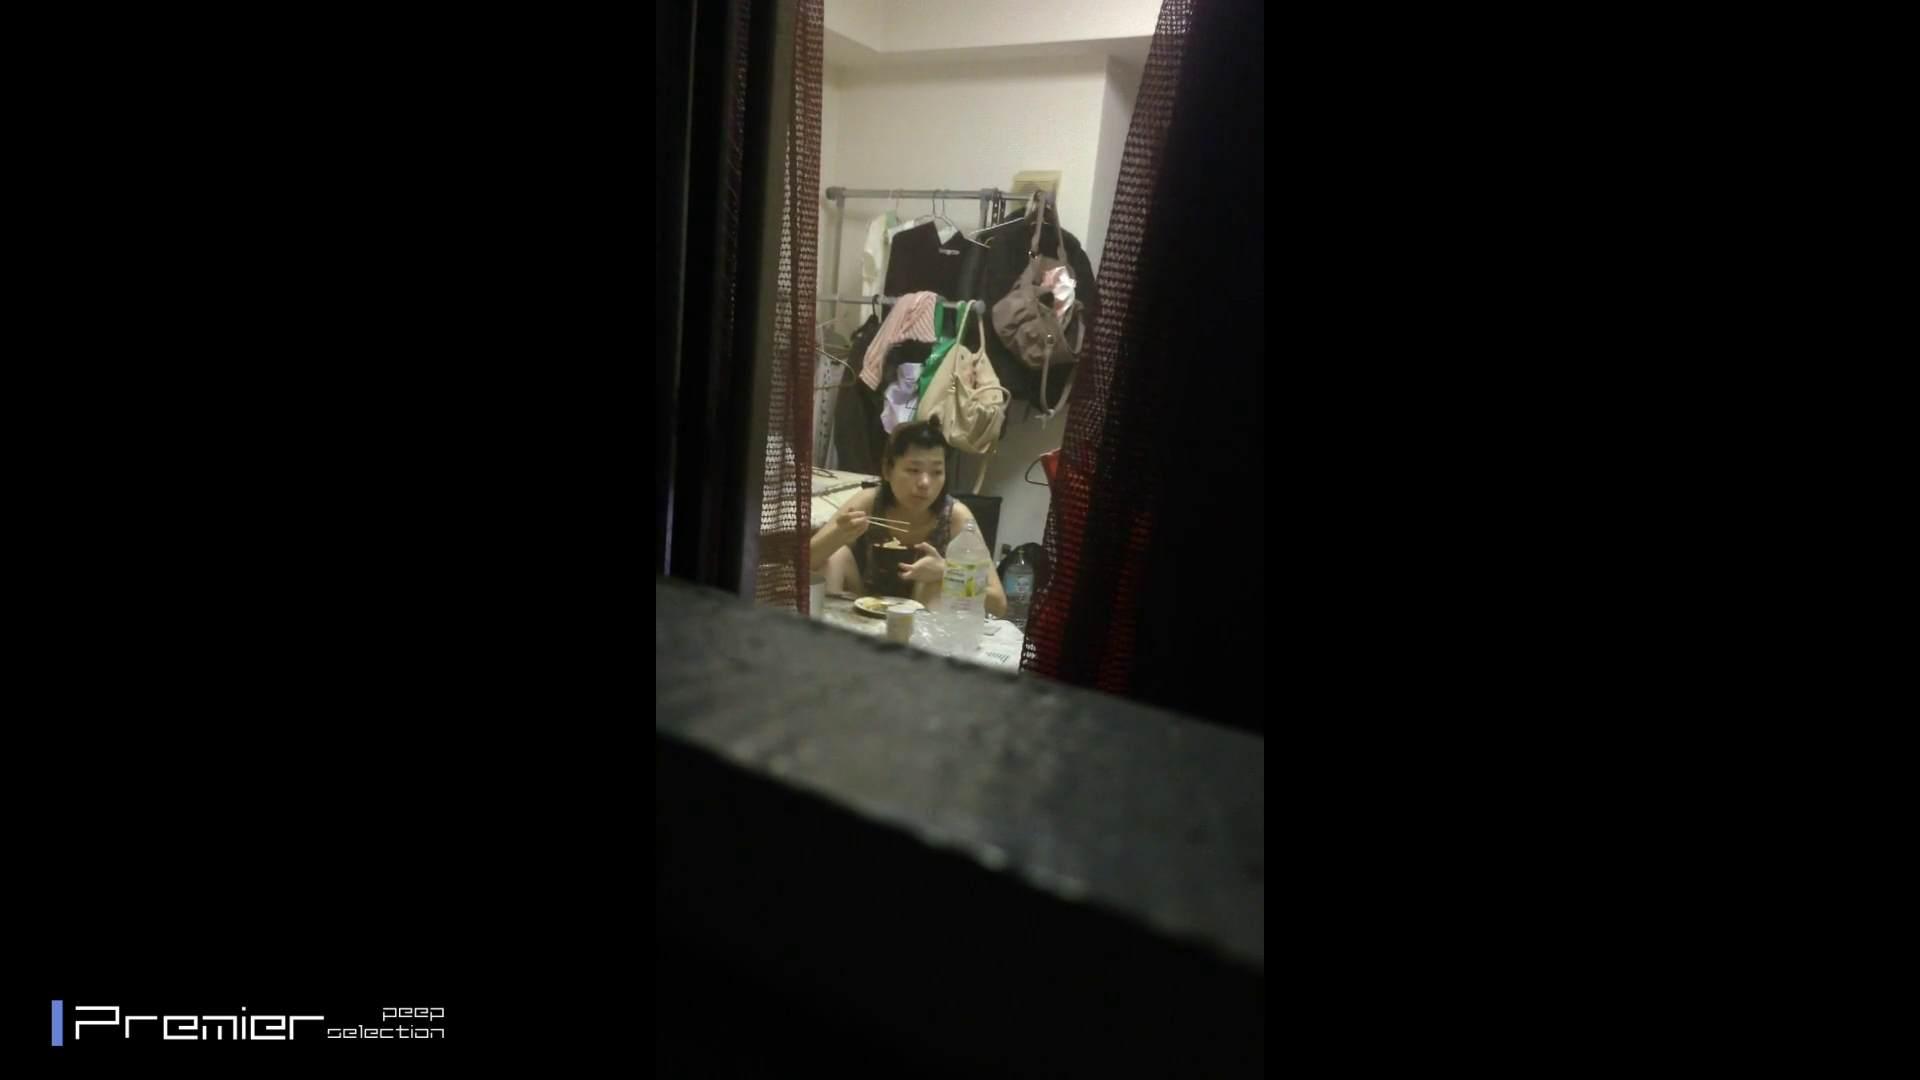 美女達の私生活に潜入!可愛い女子大生のプライベートに潜入 エッチなお姉さん AV無料動画キャプチャ 71画像 15